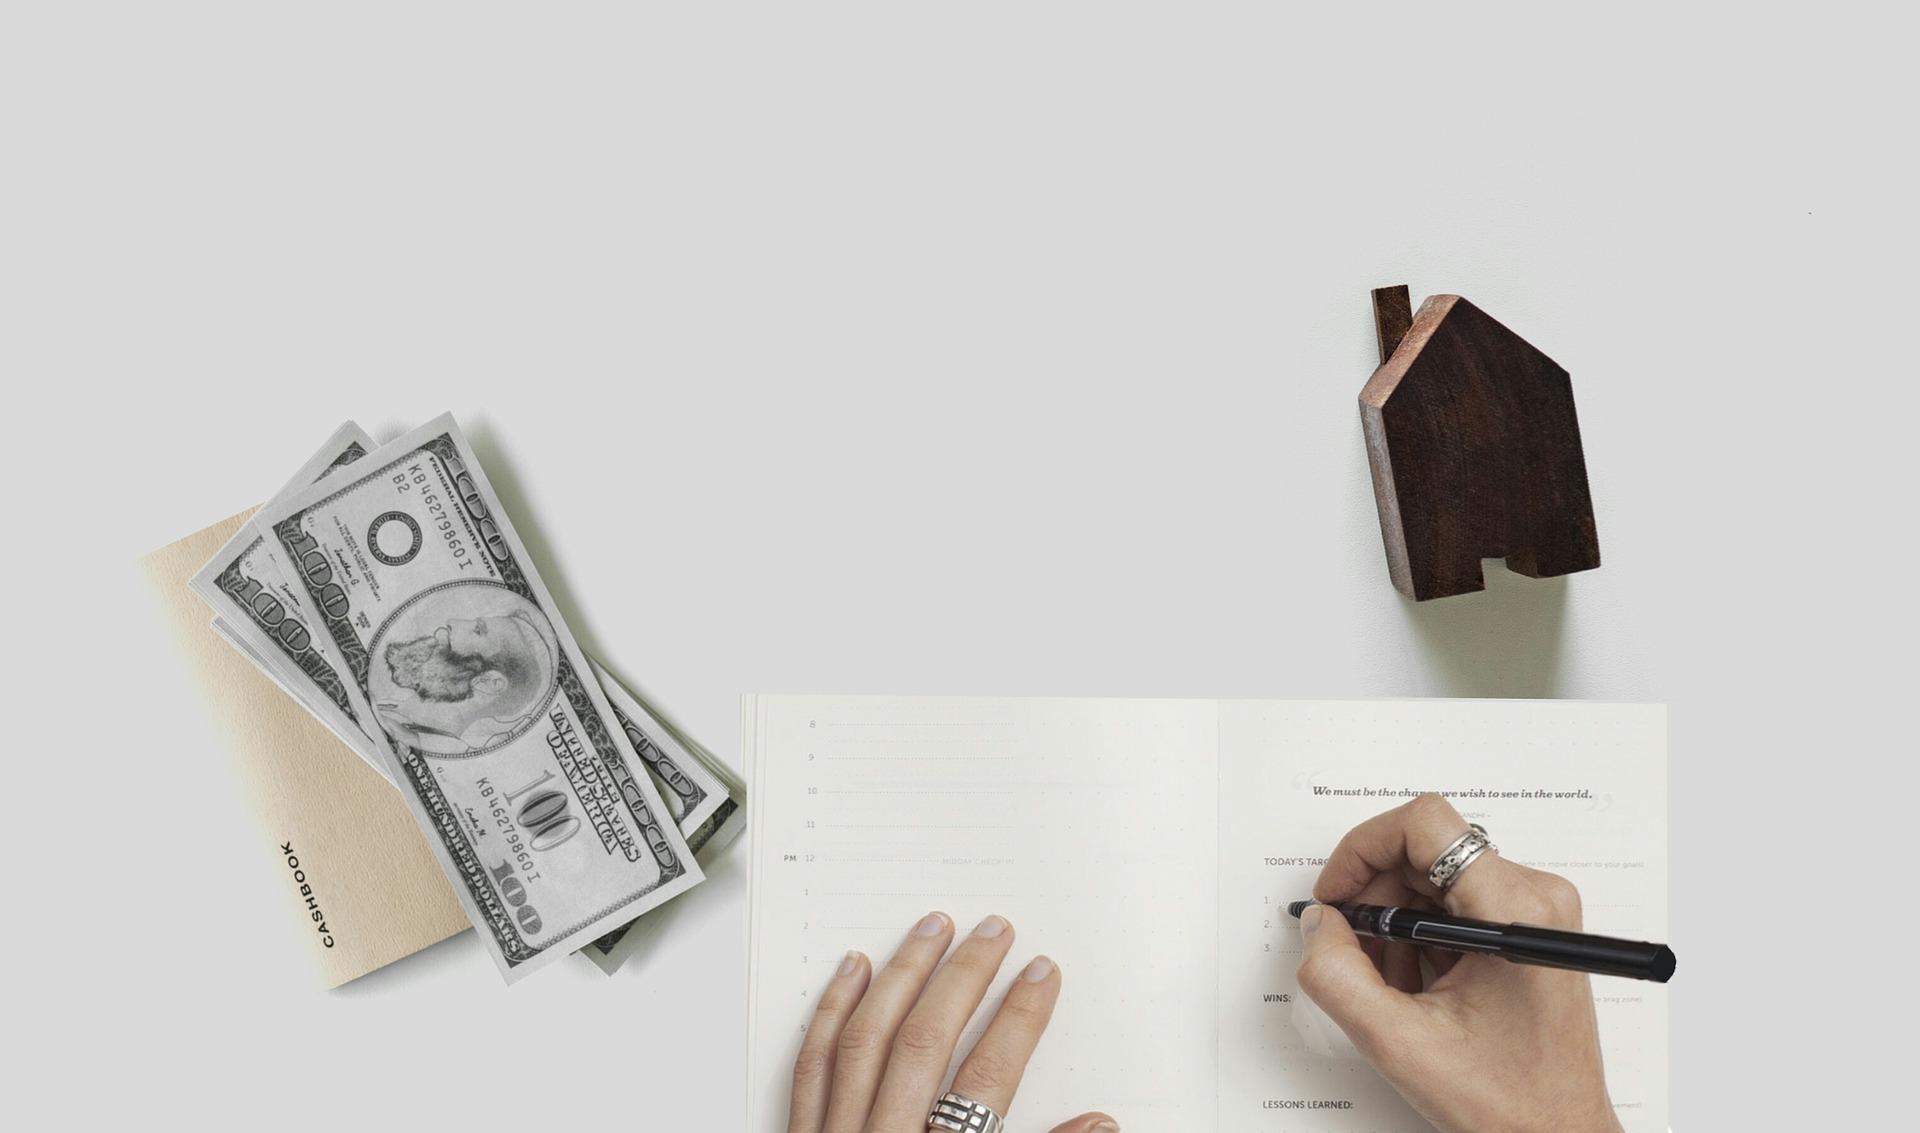 Los hipotecados que firmaron antes de la ley hipotecaria recuperarán los gastos de constitución sin litigar